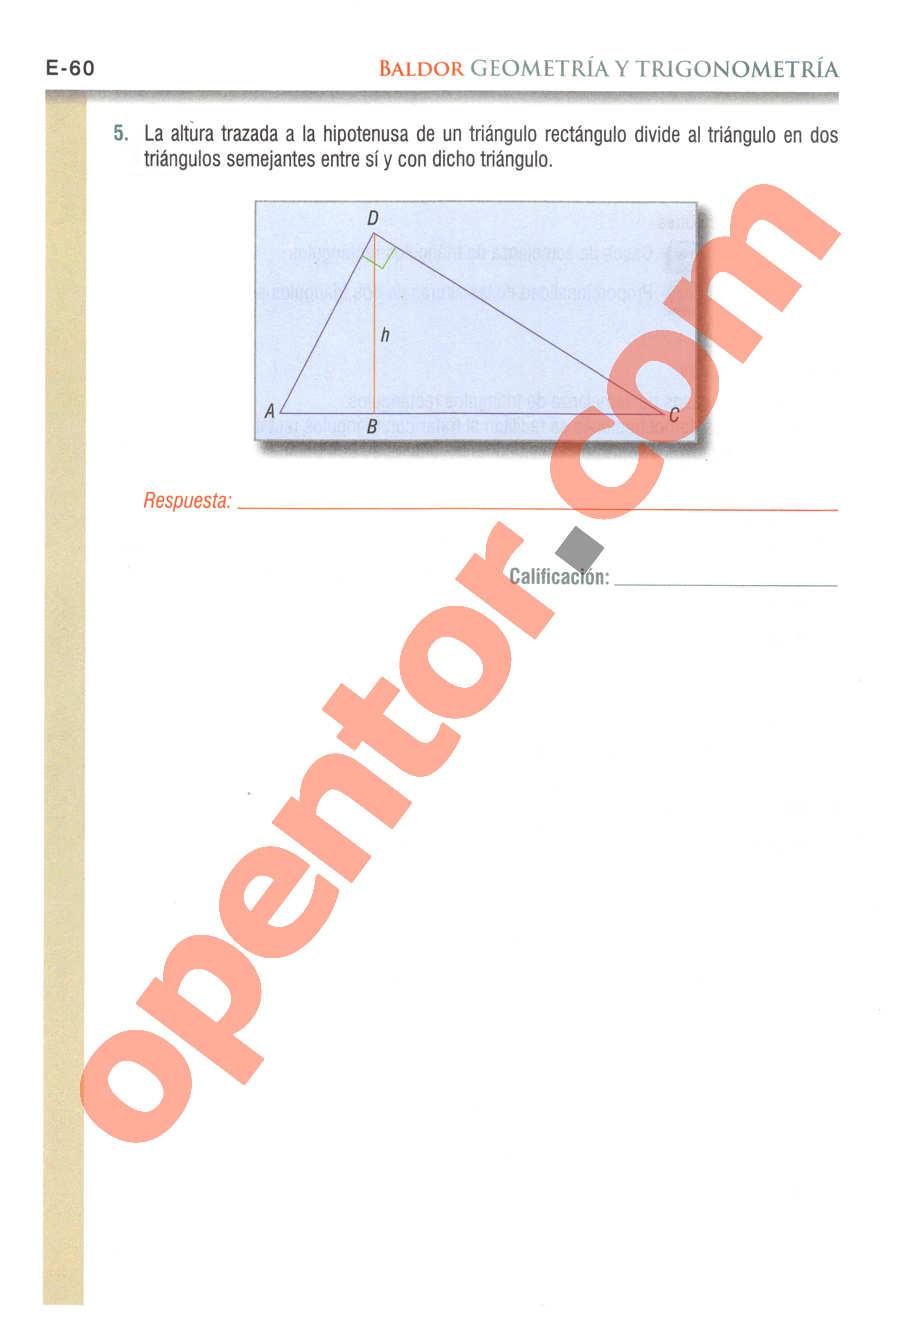 Geometría y Trigonometría de Baldor - Página E60